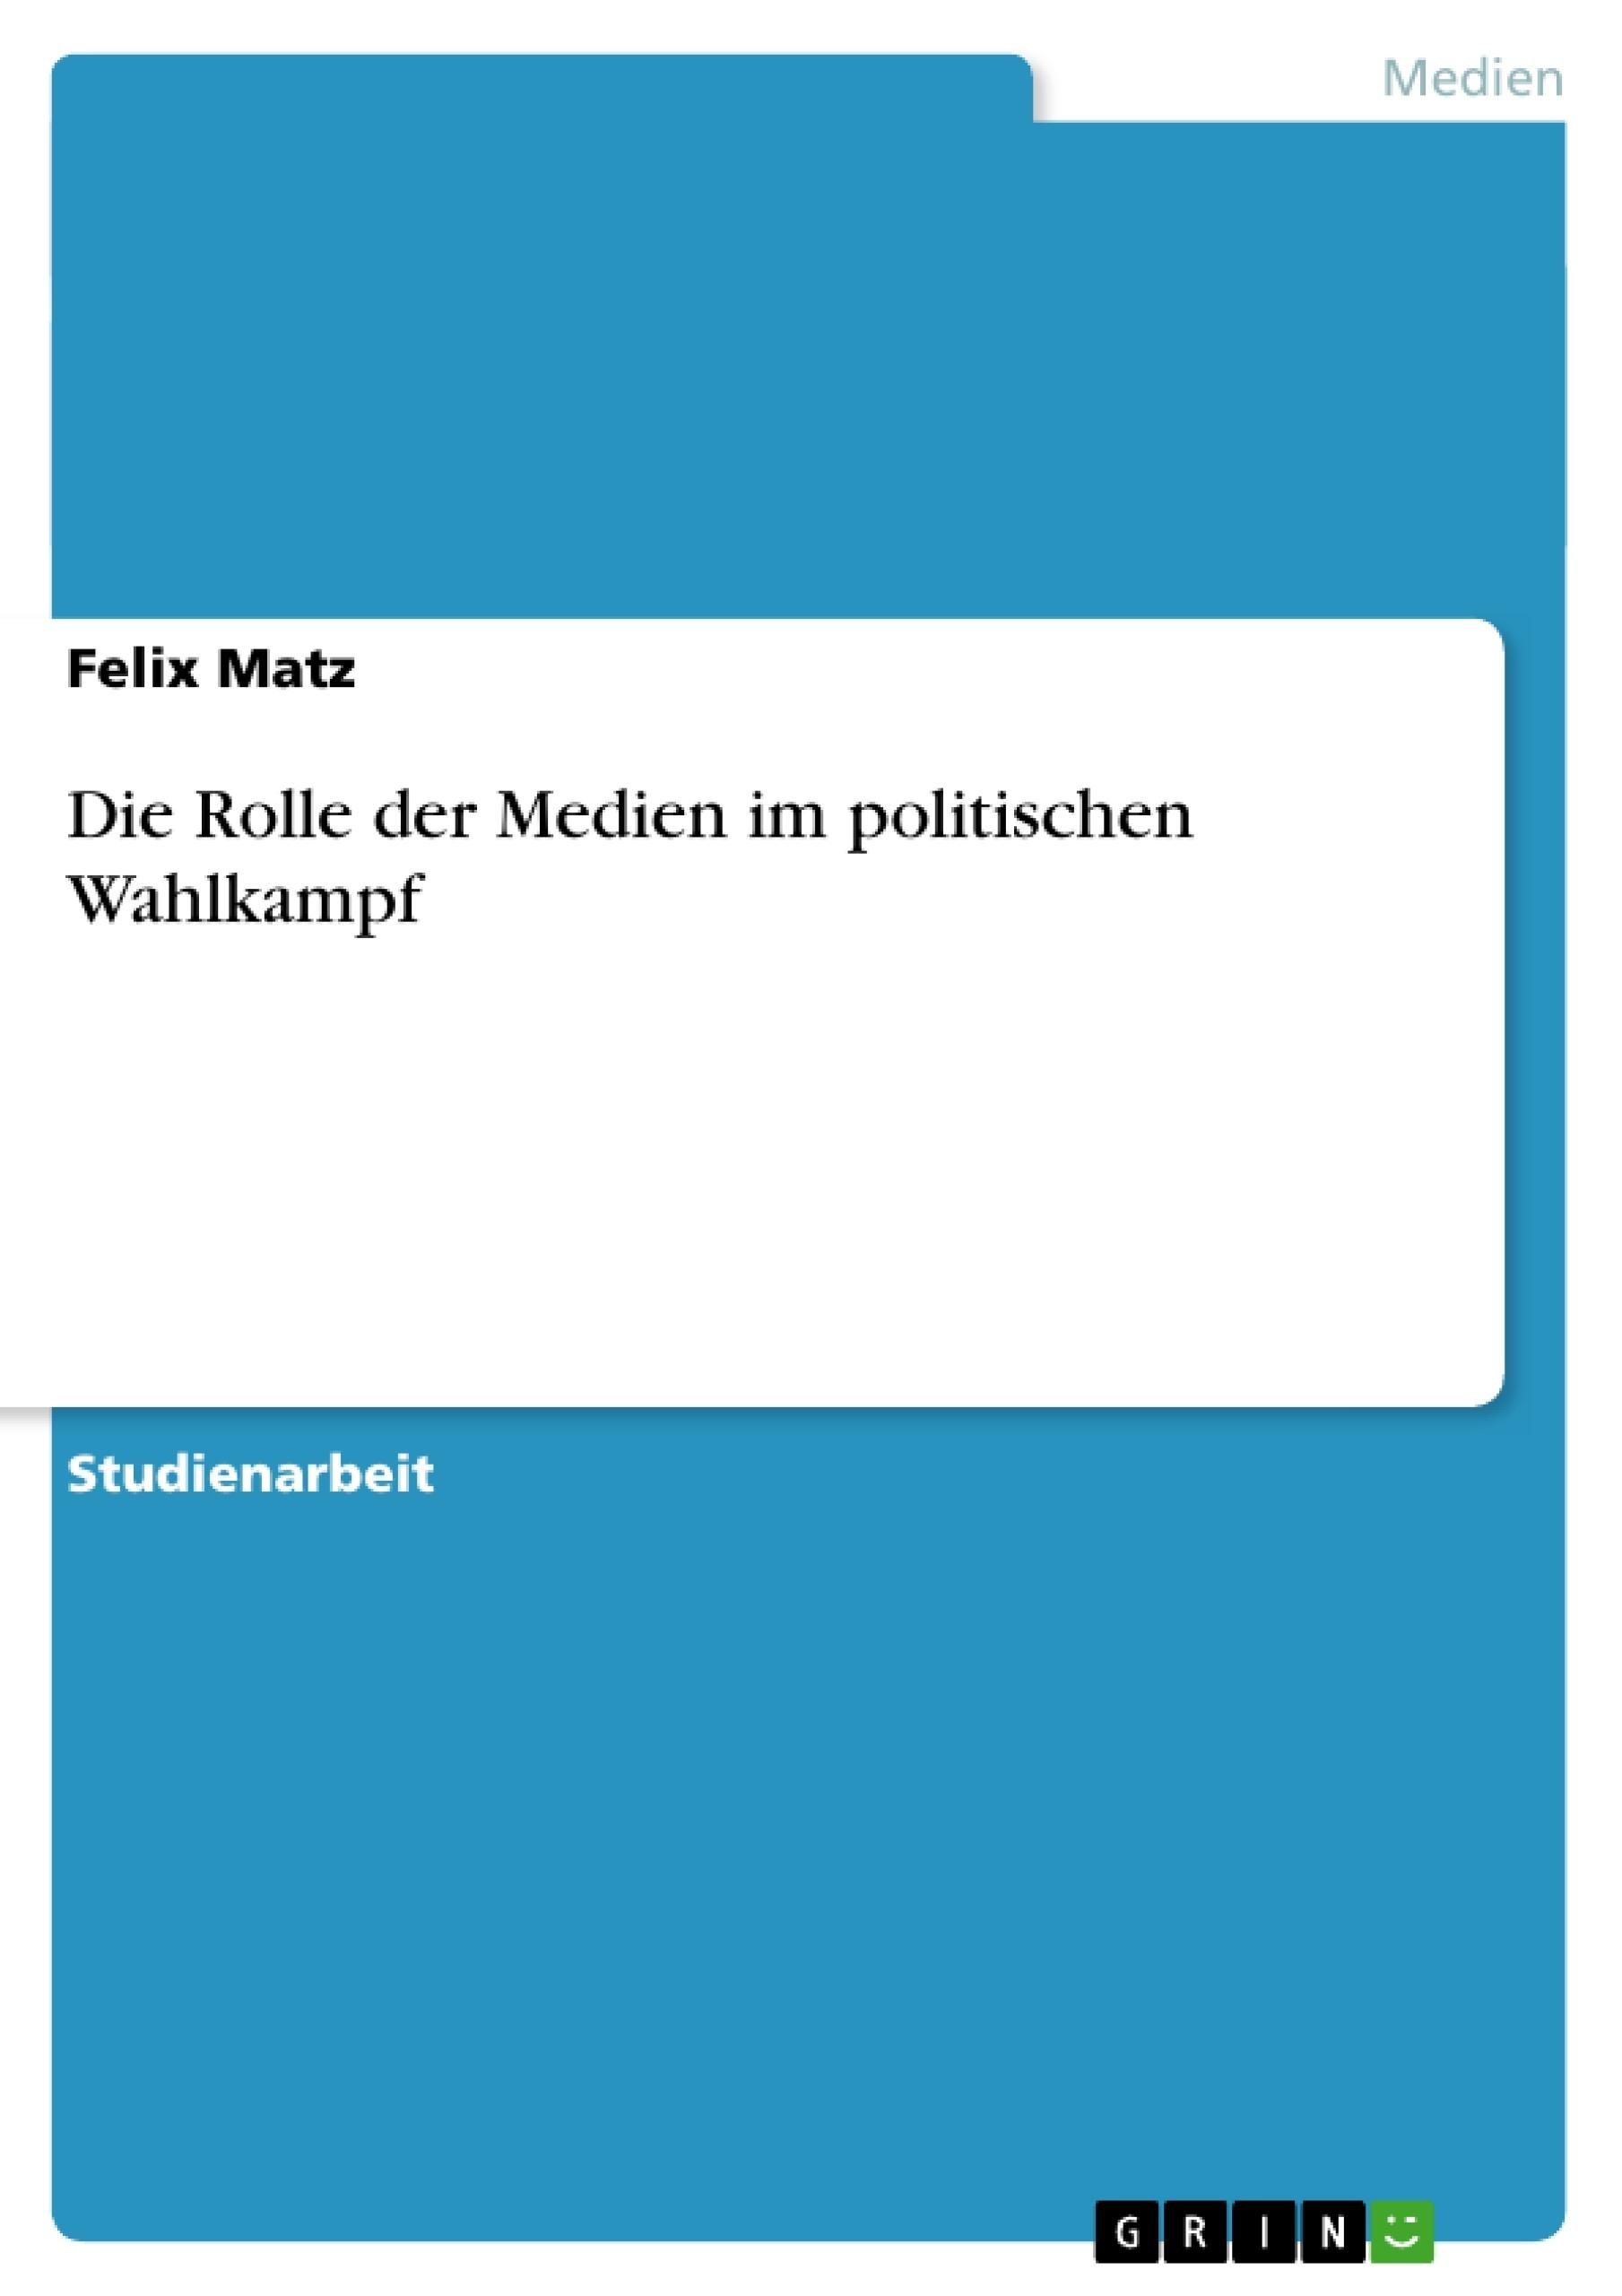 Titel: Die Rolle der Medien im politischen Wahlkampf